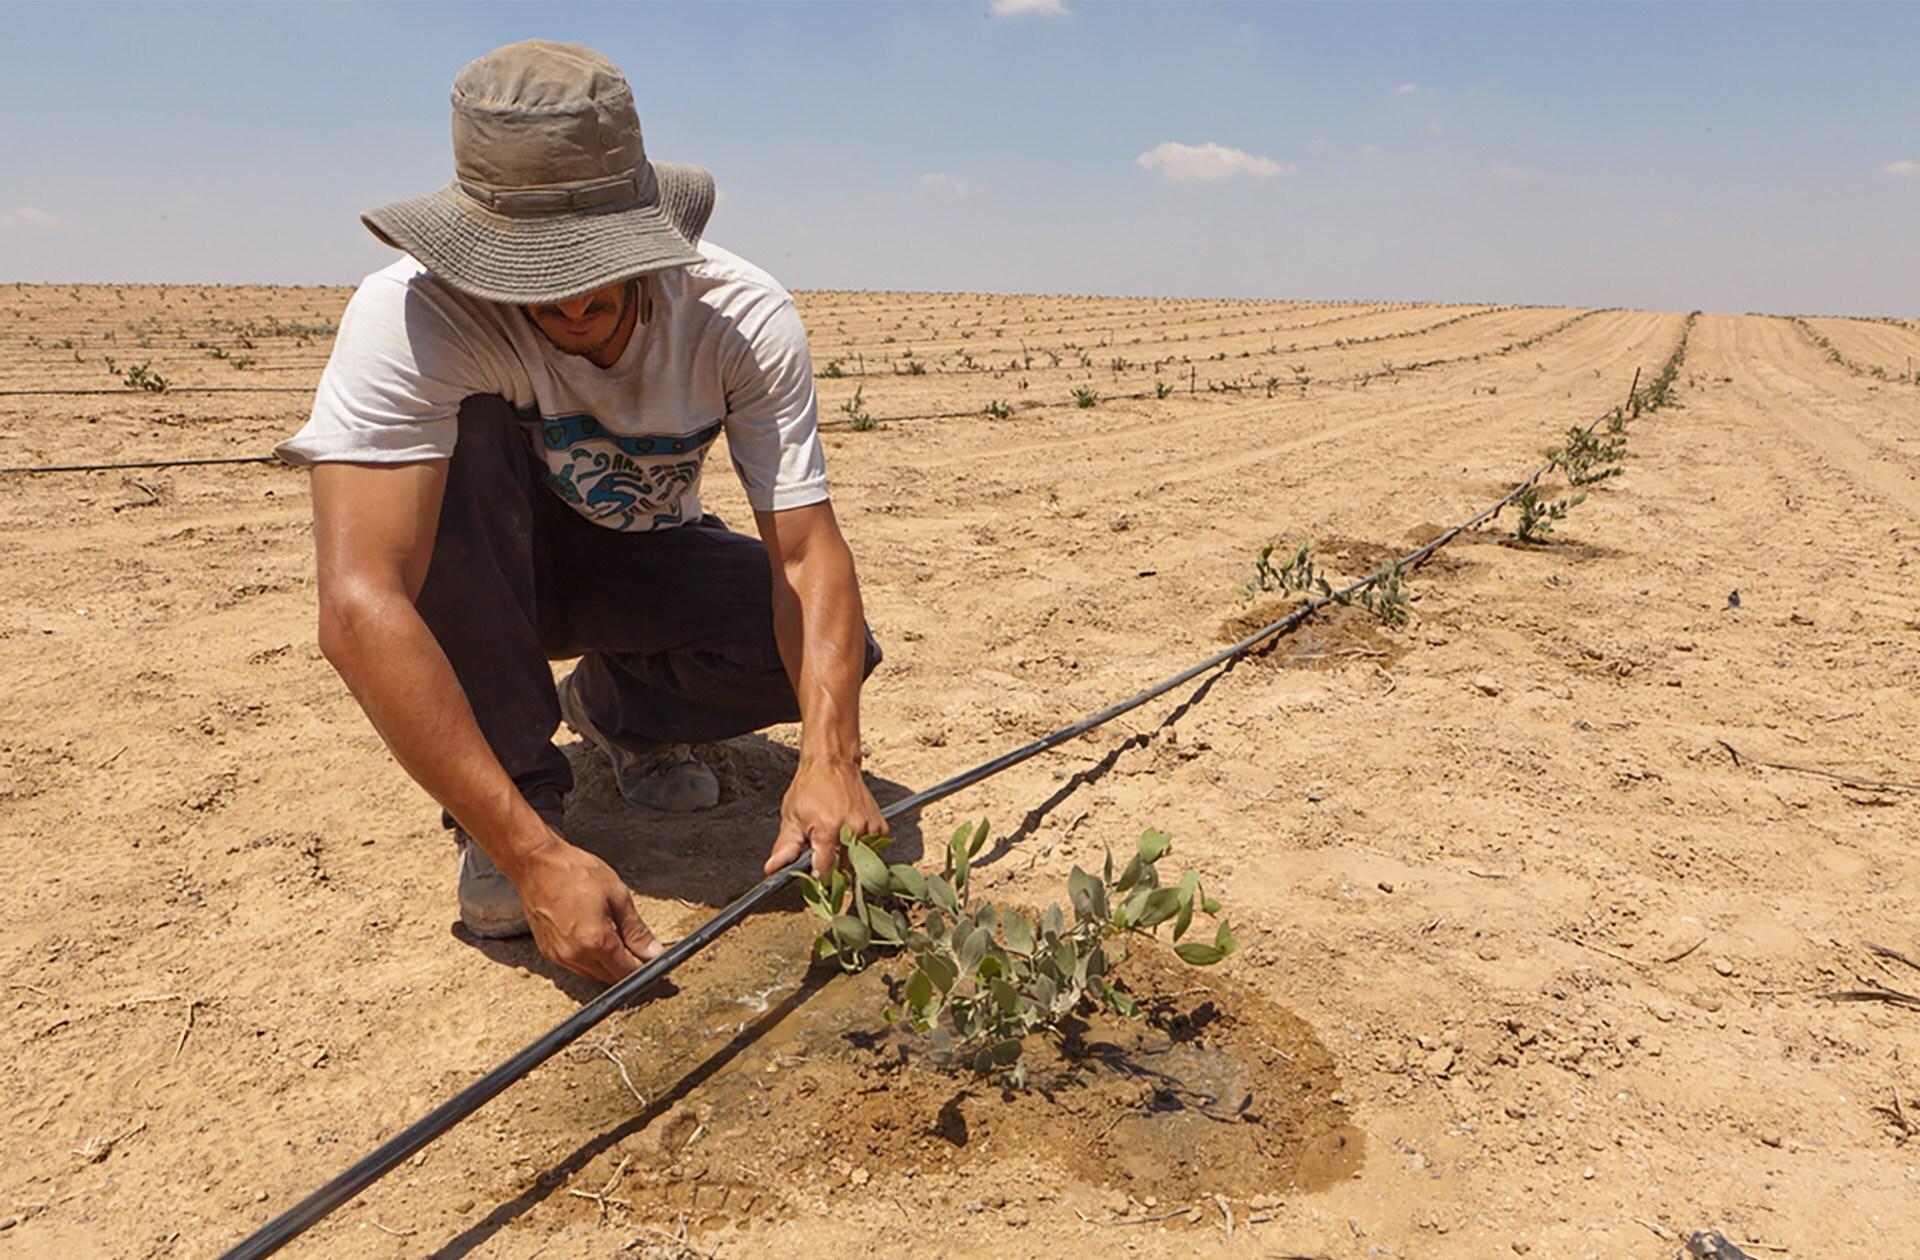 Netafim je v letu 1965 kot prvo podjetje uvedlo kapljično namakanje. S tem postopkom se majhni odmerki vode dovajajo neposredno v območje korenin rastlin. Tehnologija kapljičnega namakanja zmanjša porabo vode za do 70 %, kar je ob podnebnih spremembah pomemben prispevek k preživetju kmetov in malih gospodarjev po vsem svetu.